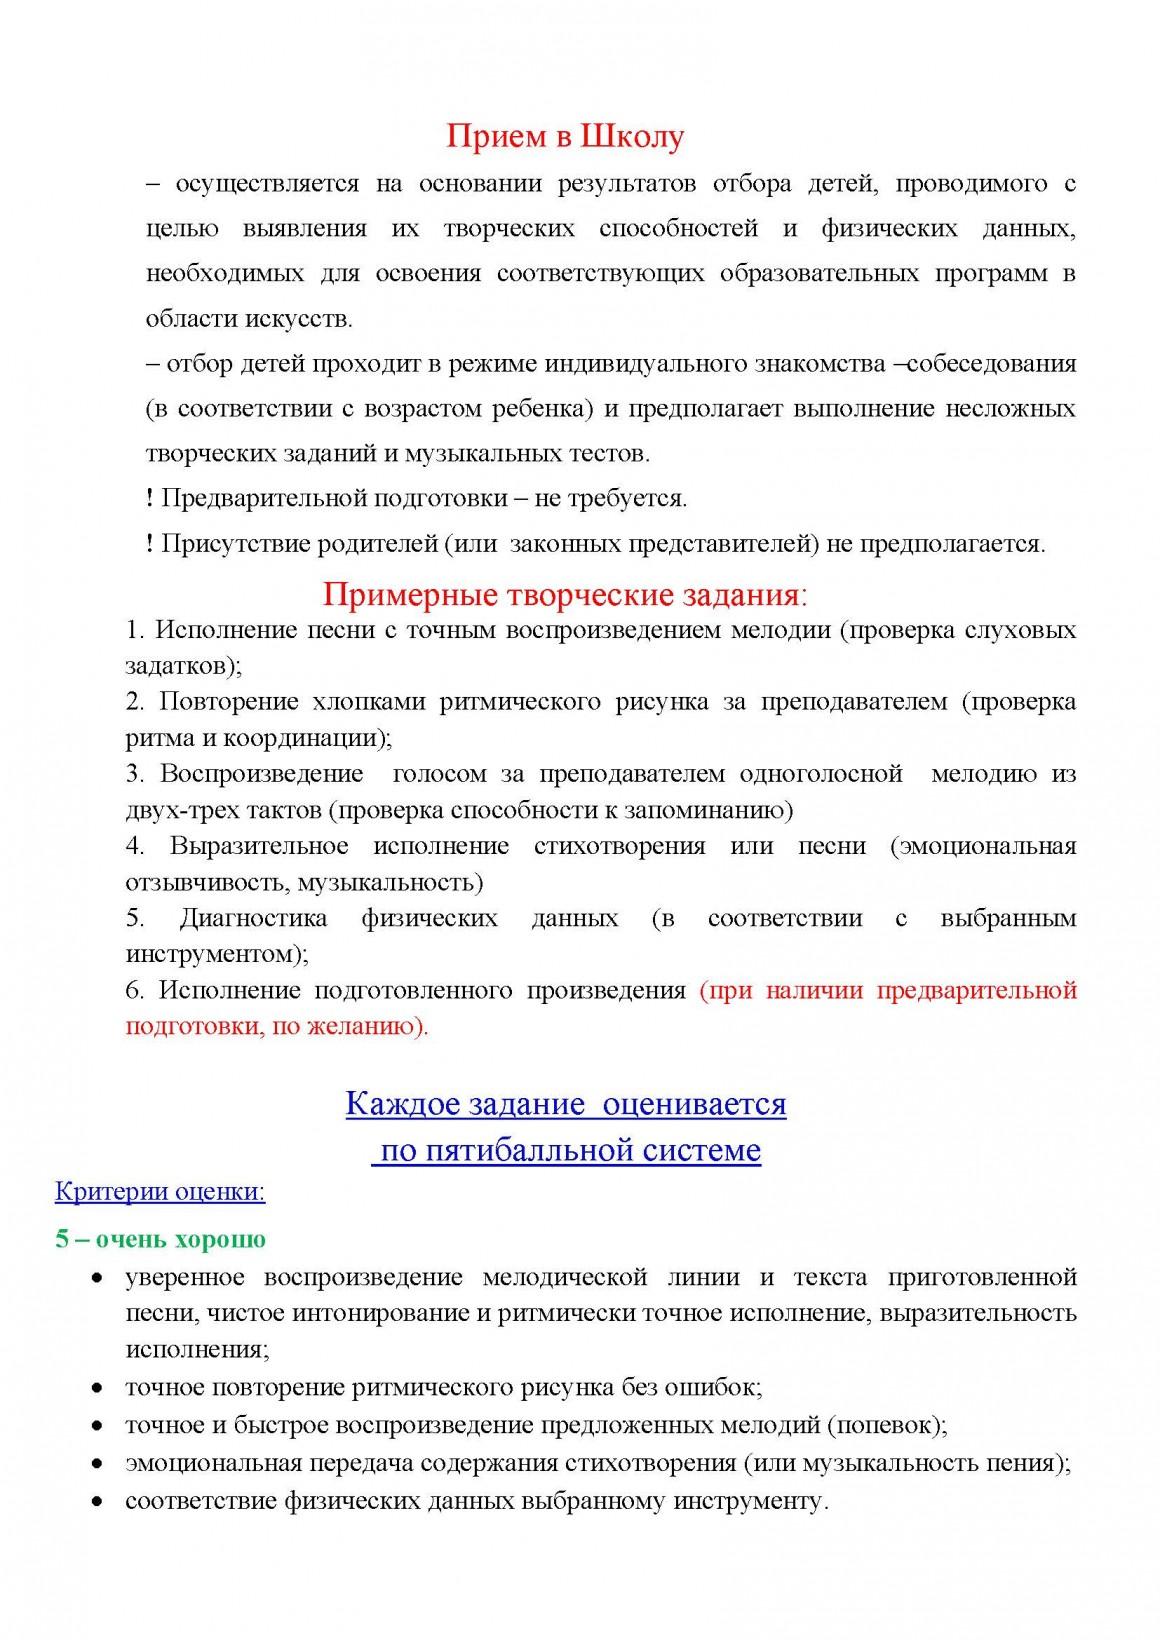 Информация по ПРИЕМУ 2018 на сайт доработано (1)_Страница_3